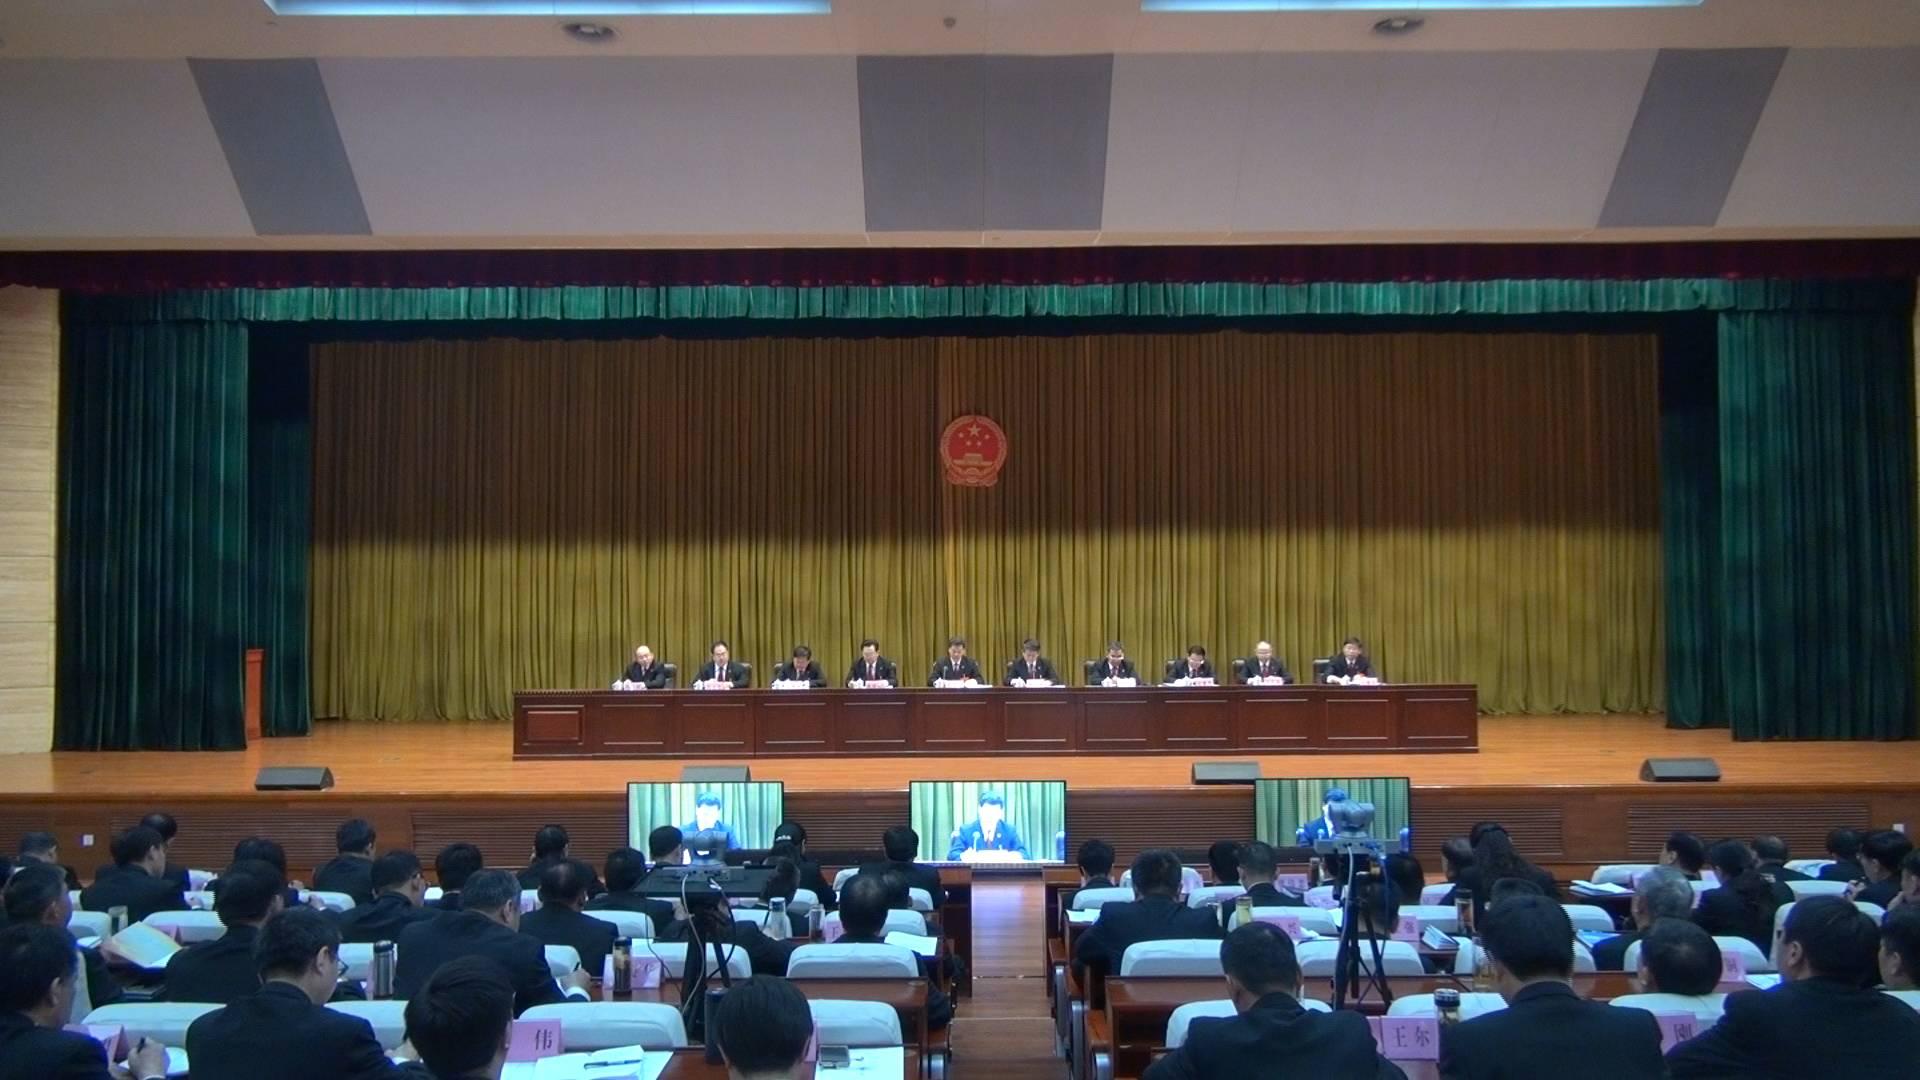 全省法院审判执行工作会议暨审判管理工作座谈会召开